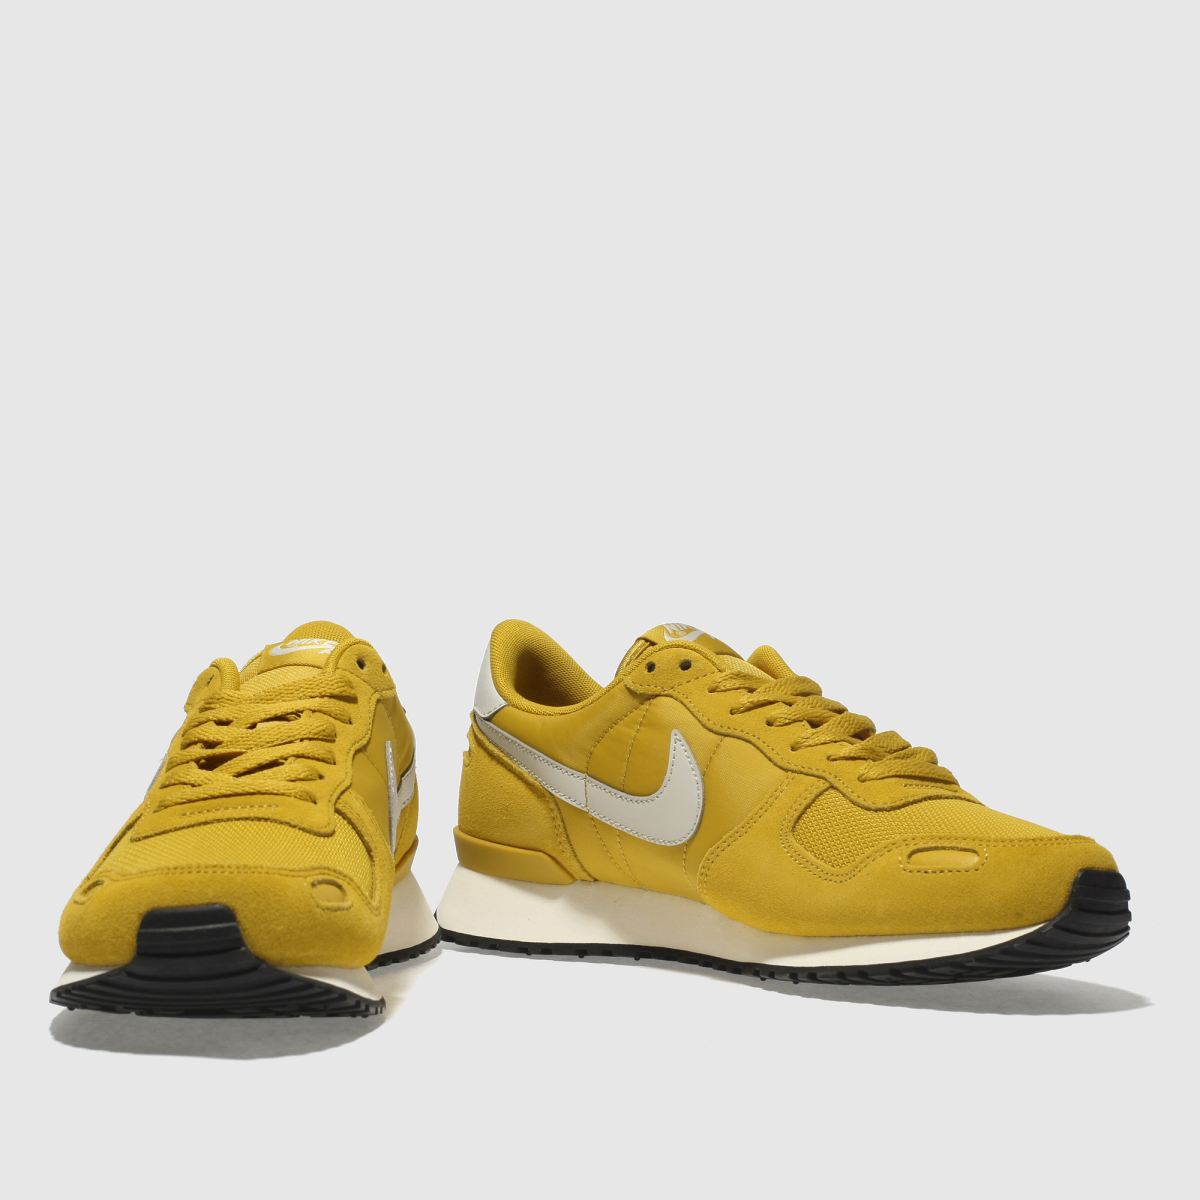 Herren Gelb Gute nike Air Vortex Sneaker | schuh Gute Gelb